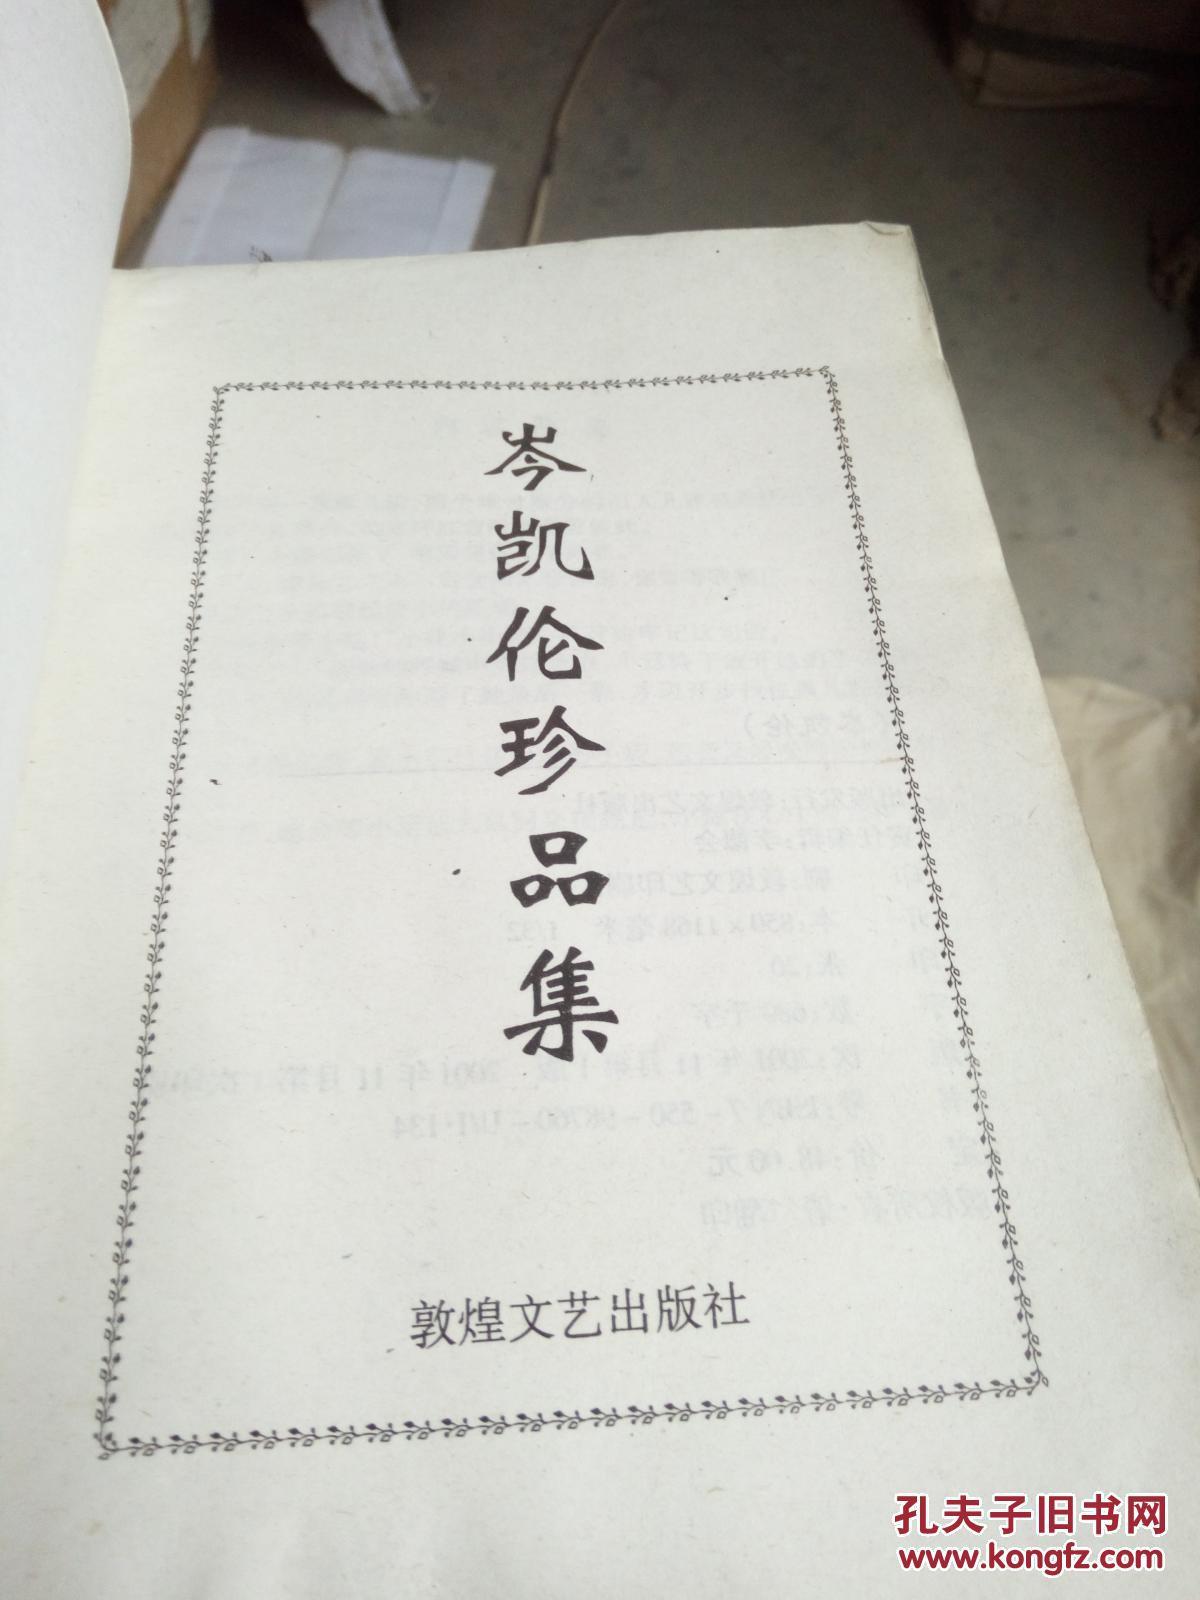 小说520芩凯伦小说专辑_凯伦珍品集_价格:1000.00